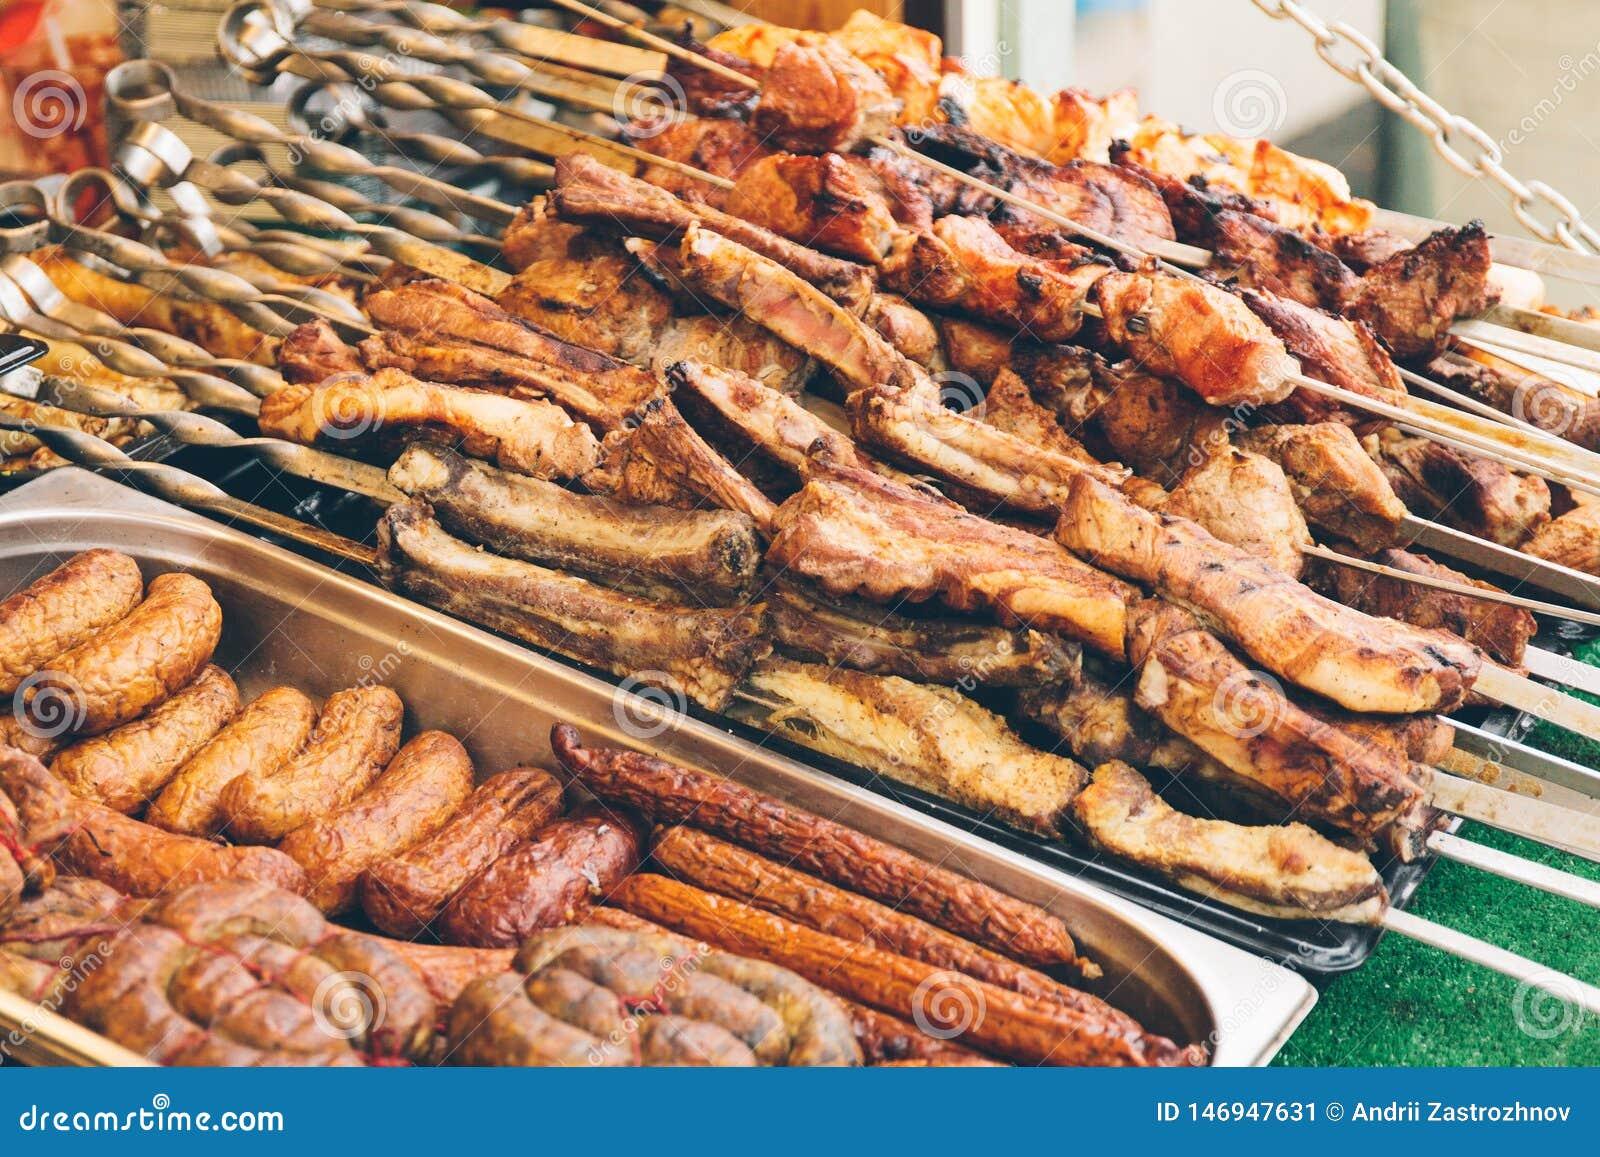 Gablota wystawowa uliczny jedzenie z kiełbasami, kiełbasami i shish kebabem,